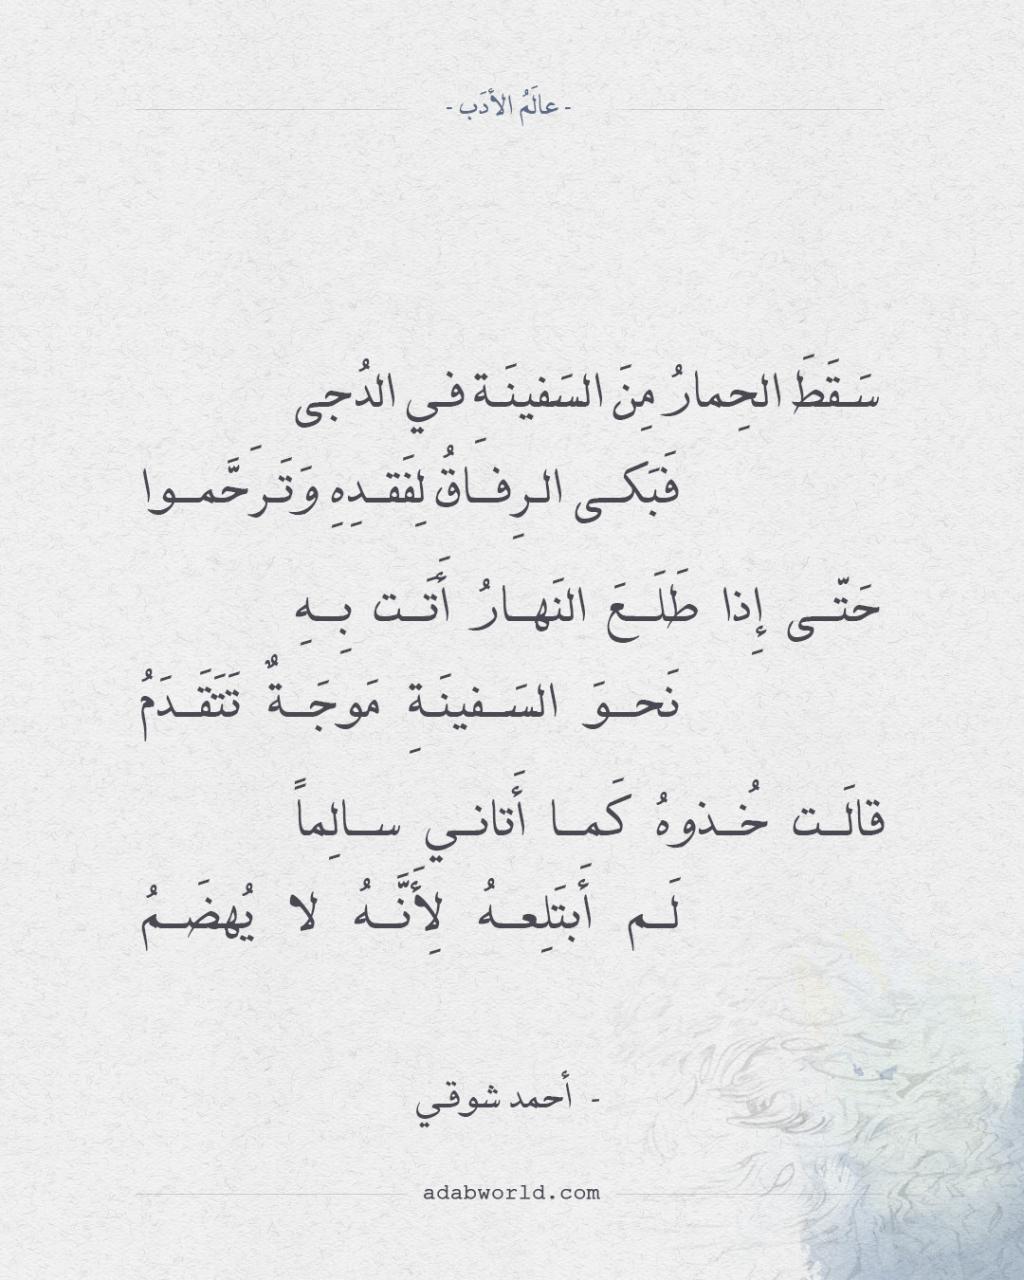 قصائد احمد شوقي كلمات امير الشعراء مكتوبه افخم فخمه